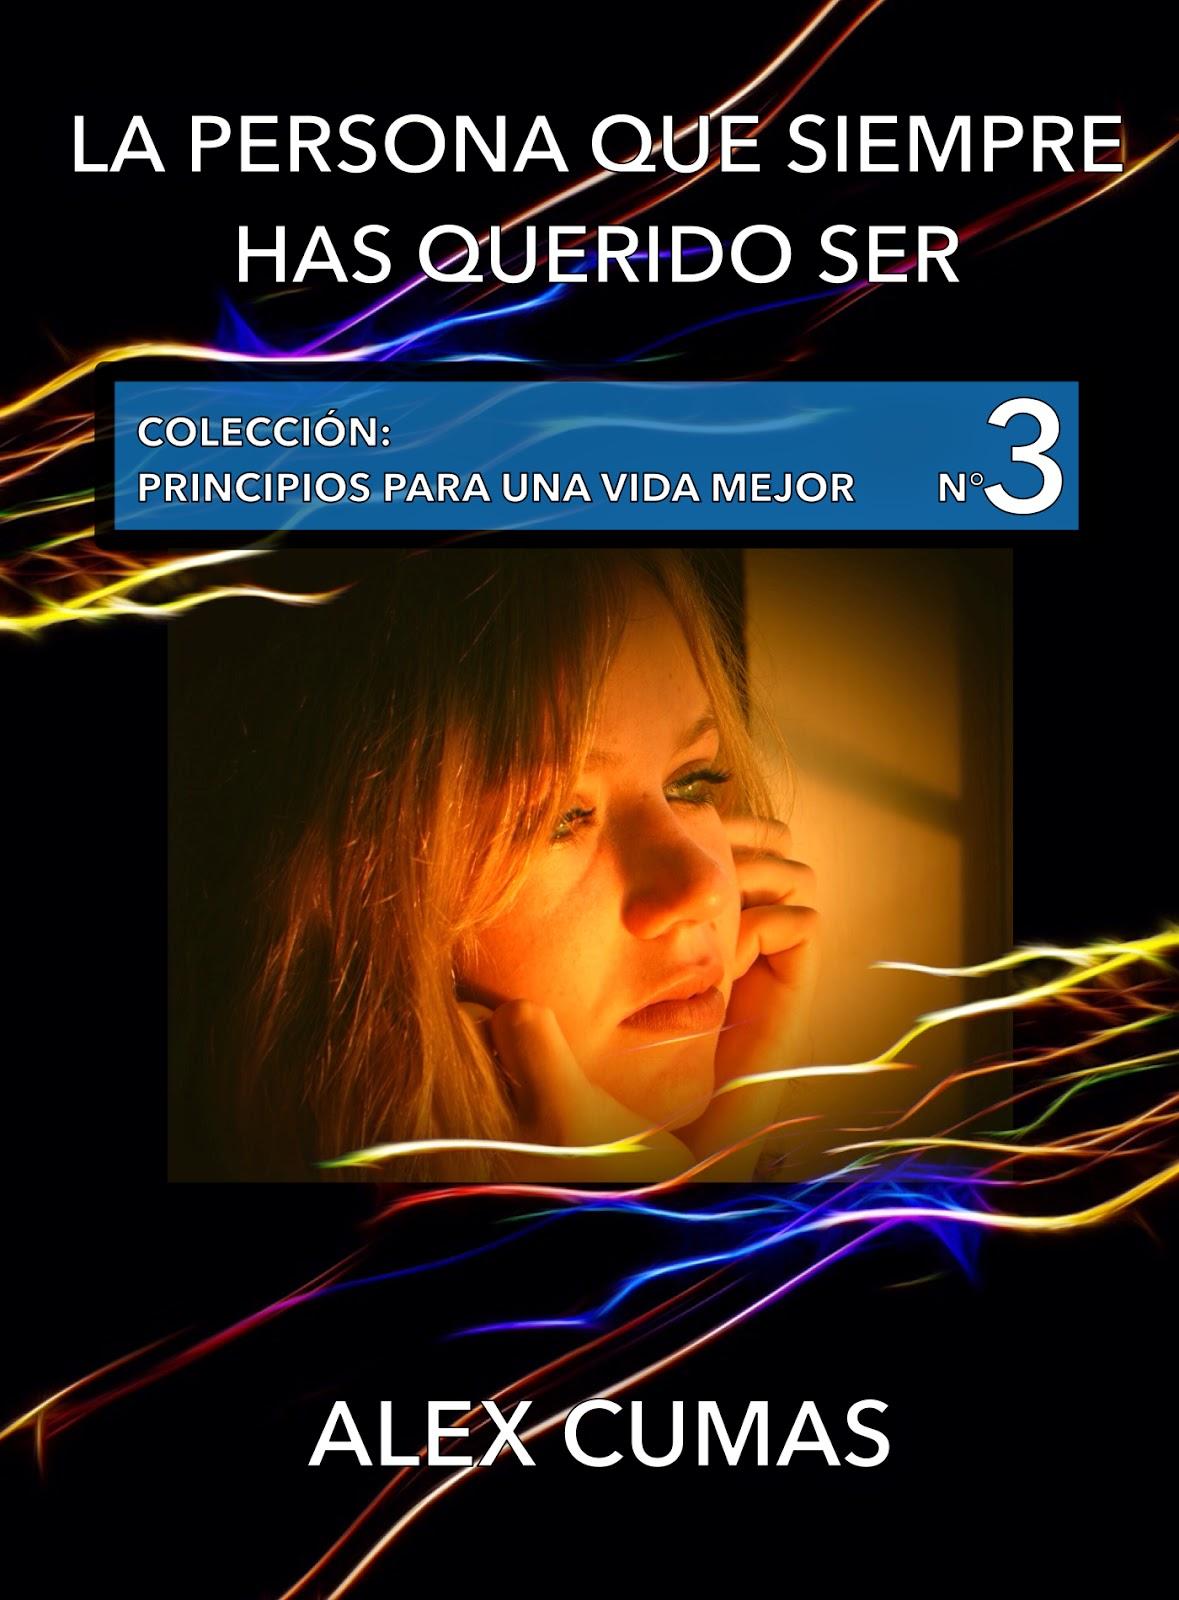 http://www.amazon.es/persona-que-siempre-has-querido-ebook/dp/B00HXZB6JO/ref=sr_1_7?s=digital-text&ie=UTF8&qid=1413025471&sr=1-7